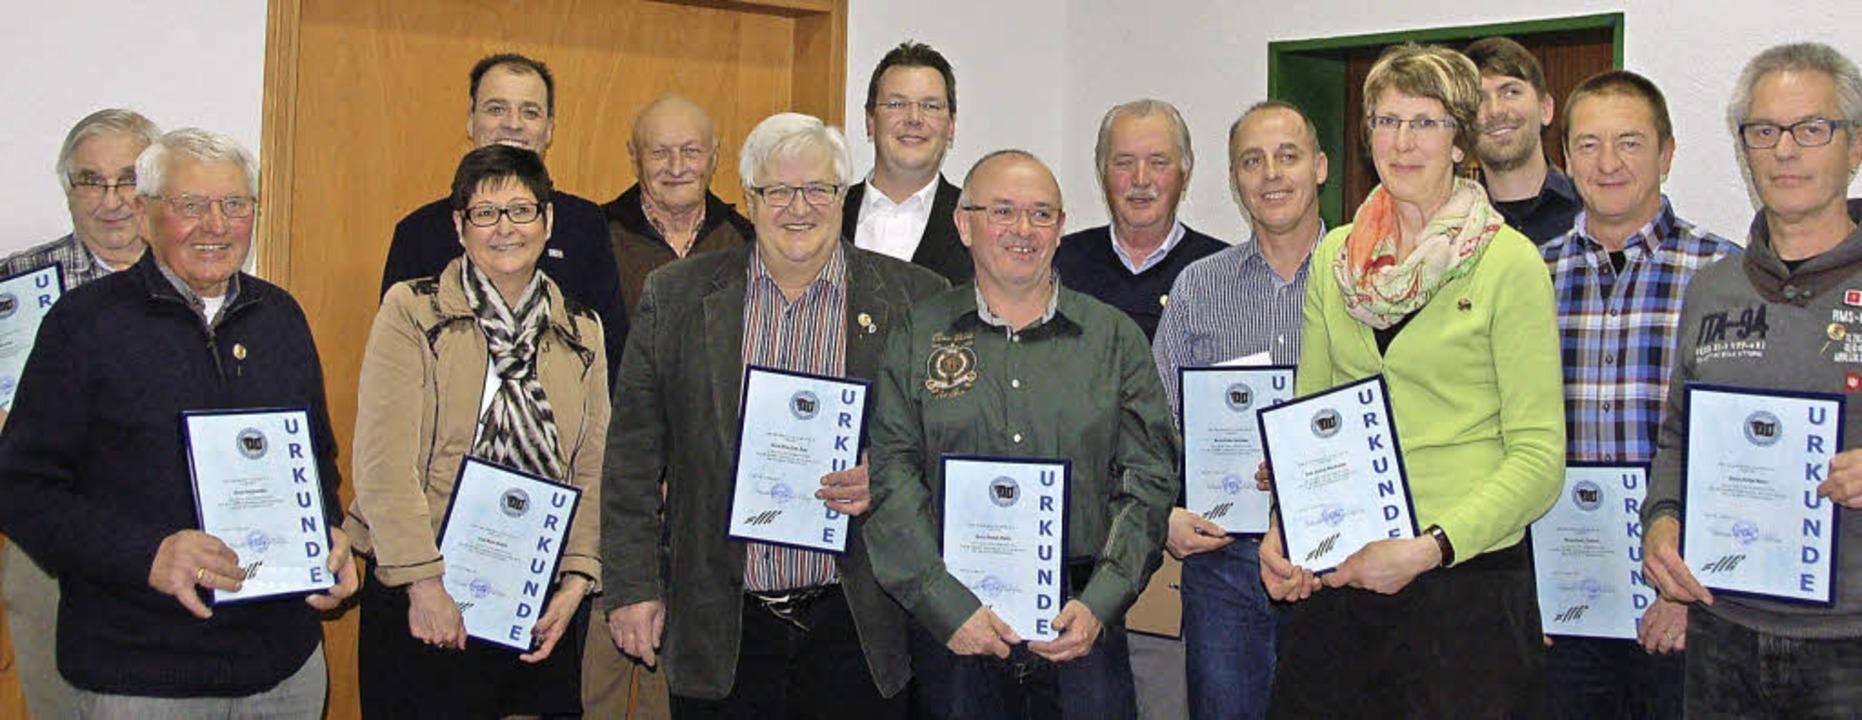 Gründungsmitglieder und 40 Jahre Aktive des Akkordeonclubs Reute wurden geehrt.     Foto: Pia Grättinger